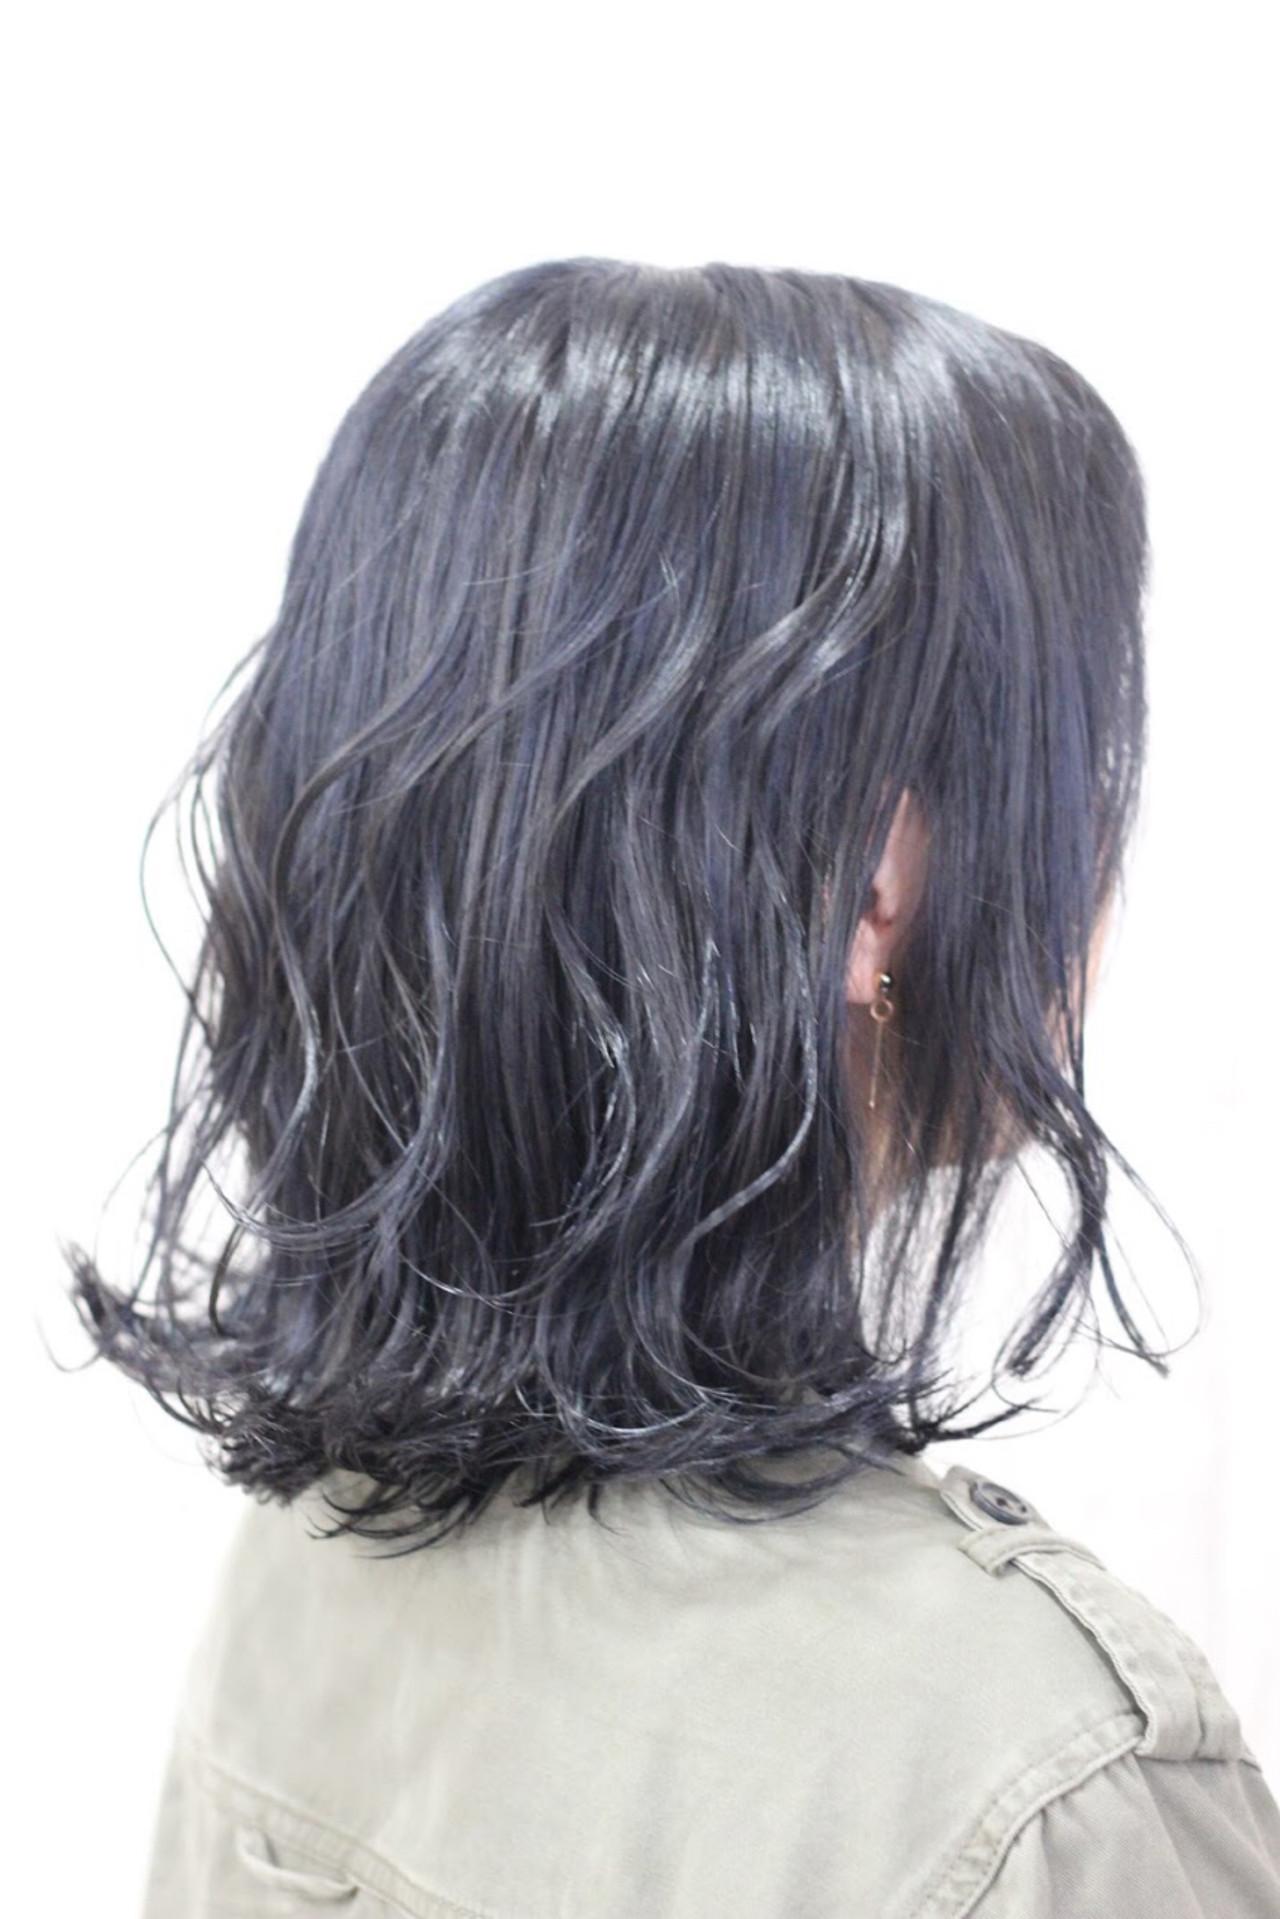 最近人気の暗髪ハイライト( ̄▽ ̄) ベースは黒っぽいグレーにネイビーのハイライト☆ 当店一押しのアディクシーカラーでございます♩